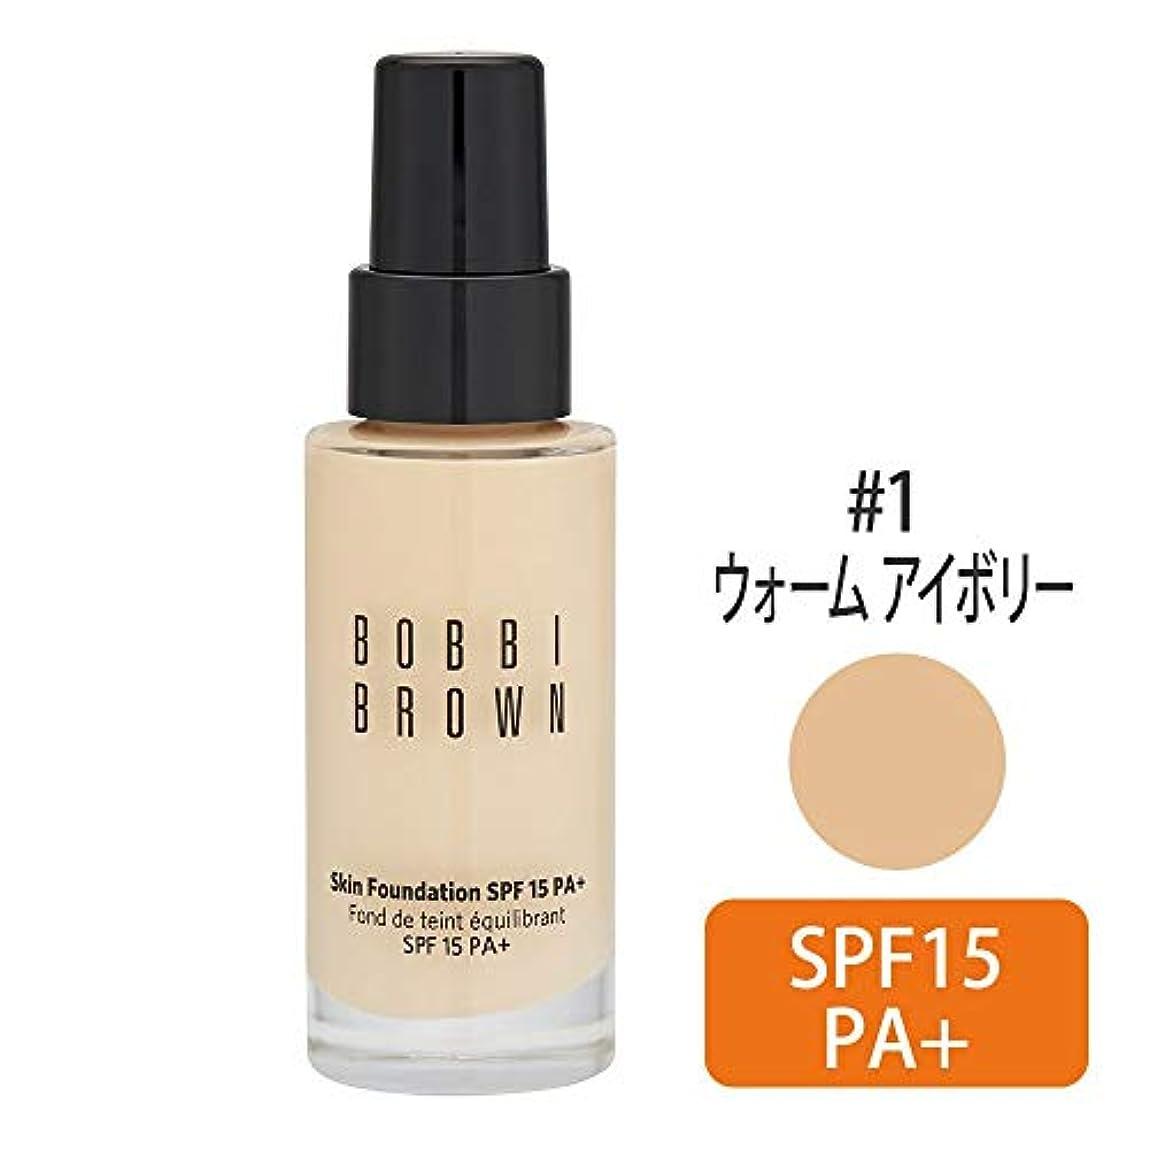 内訳放送ジャーナリストBOBBI BROWN ボビイ ブラウン スキン ファンデーション SPF15 PA+ #1 Warm Ivory 30ml [並行輸入品]